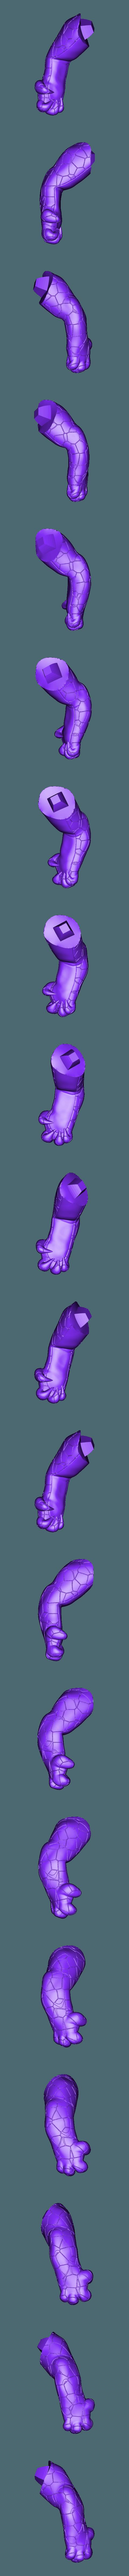 Renekton Chibi 20cm - Right Arm.stl Télécharger fichier STL gratuit Renekton Chibi - League Of Legends • Objet pour impression 3D, BODY3D